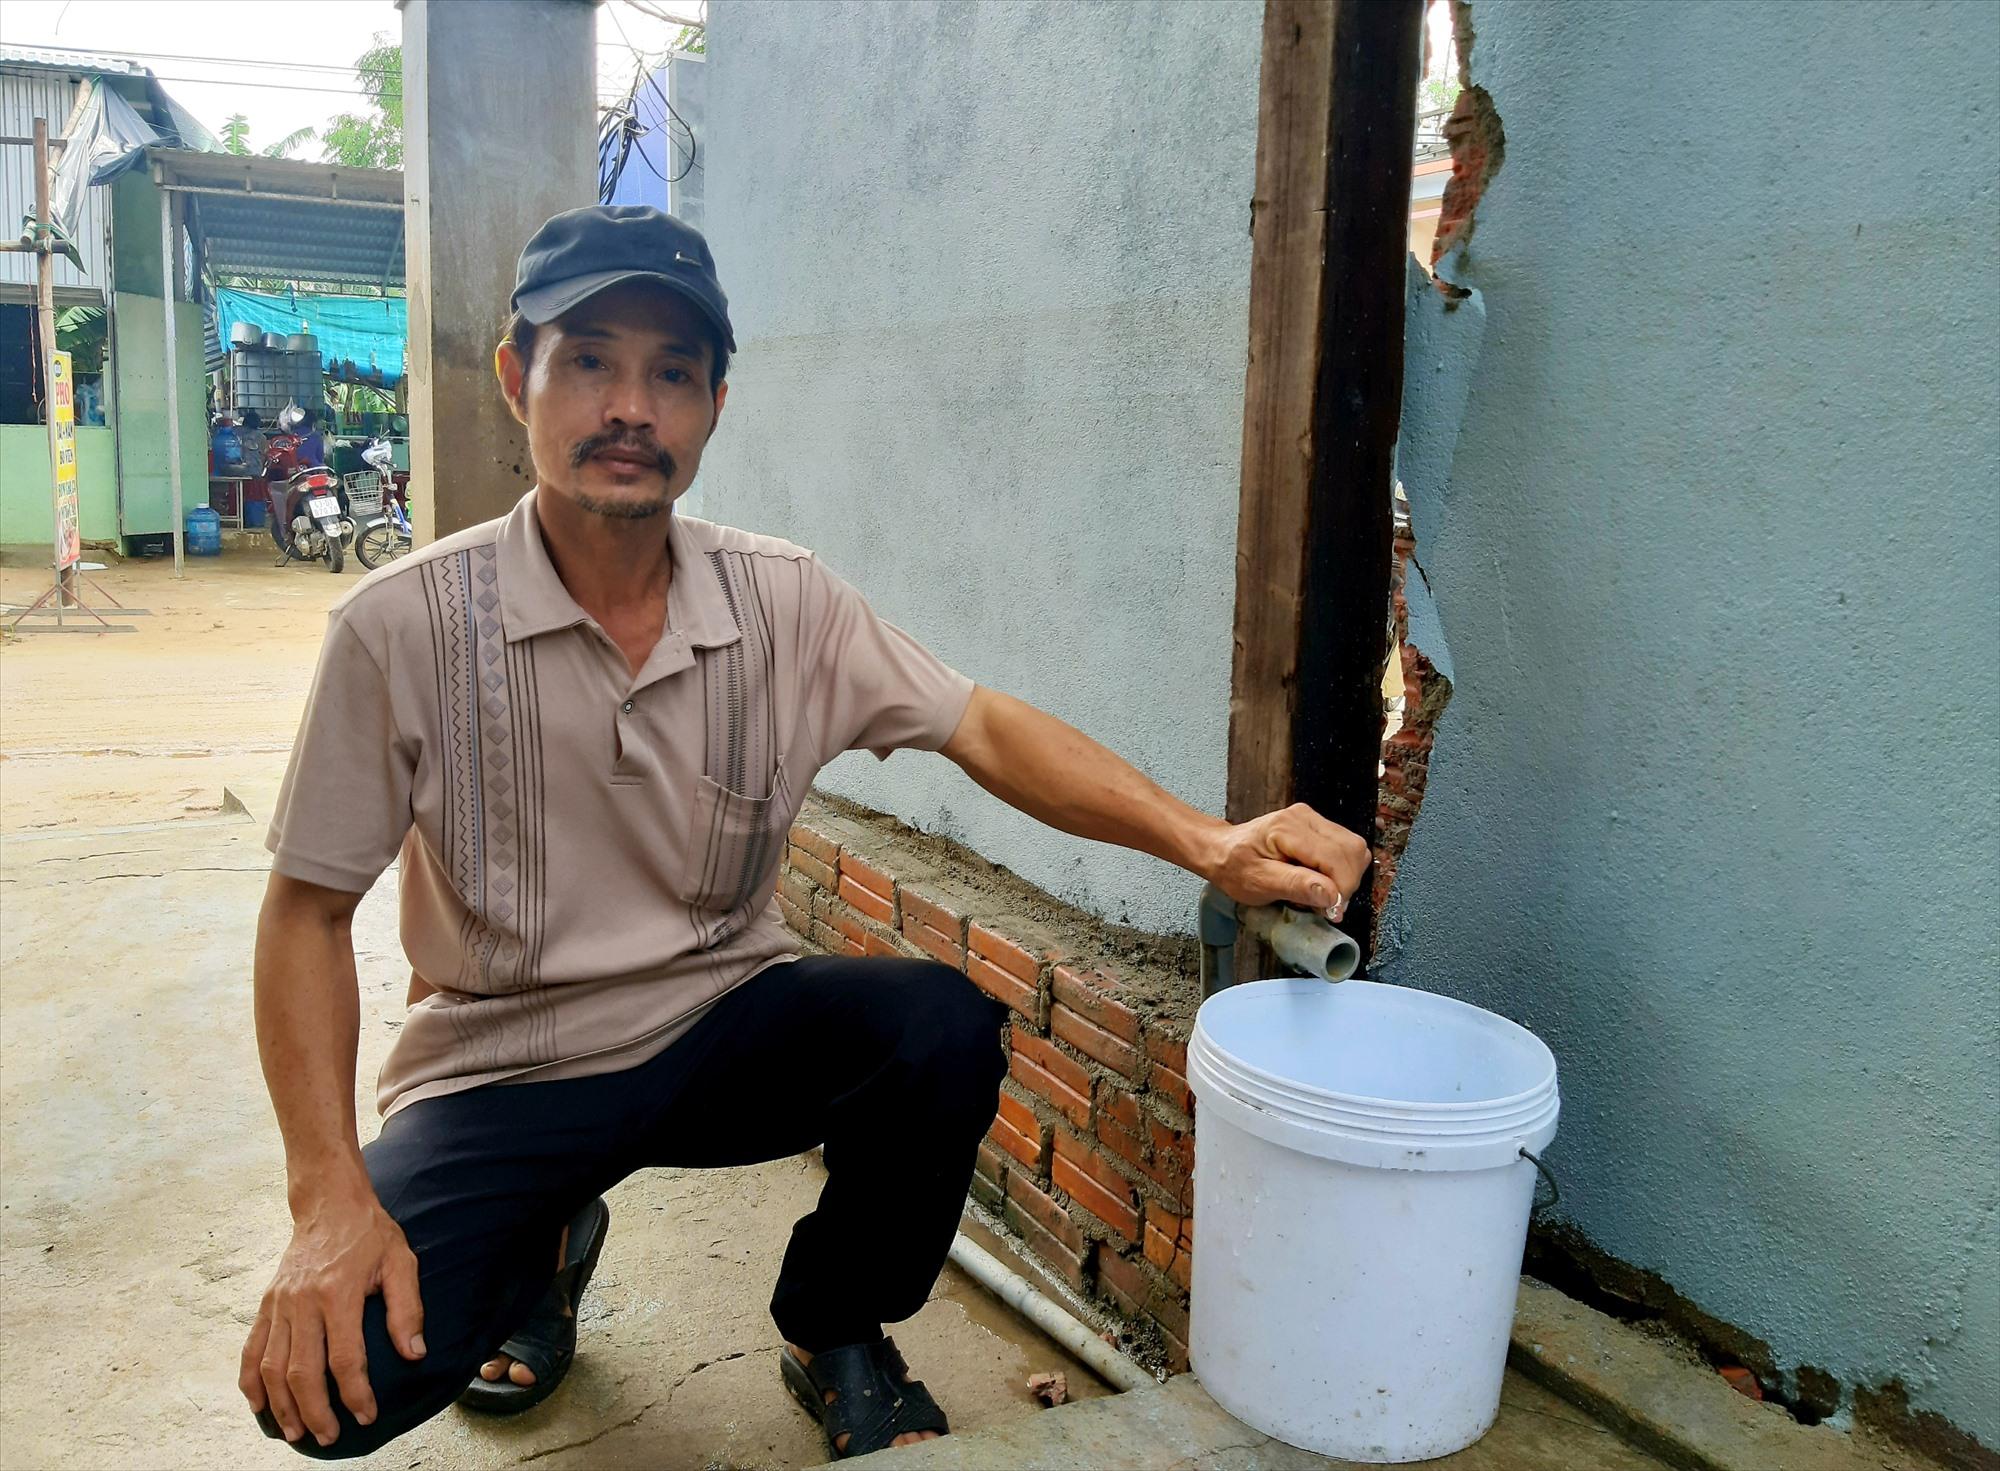 Nhiều ngày qua, cuộc sống của người dân xã Duy Vinh (Duy Xuyên) gặp khó khăn vì thiếu nước sinh hoạt kéo dài. Ảnh: T.S